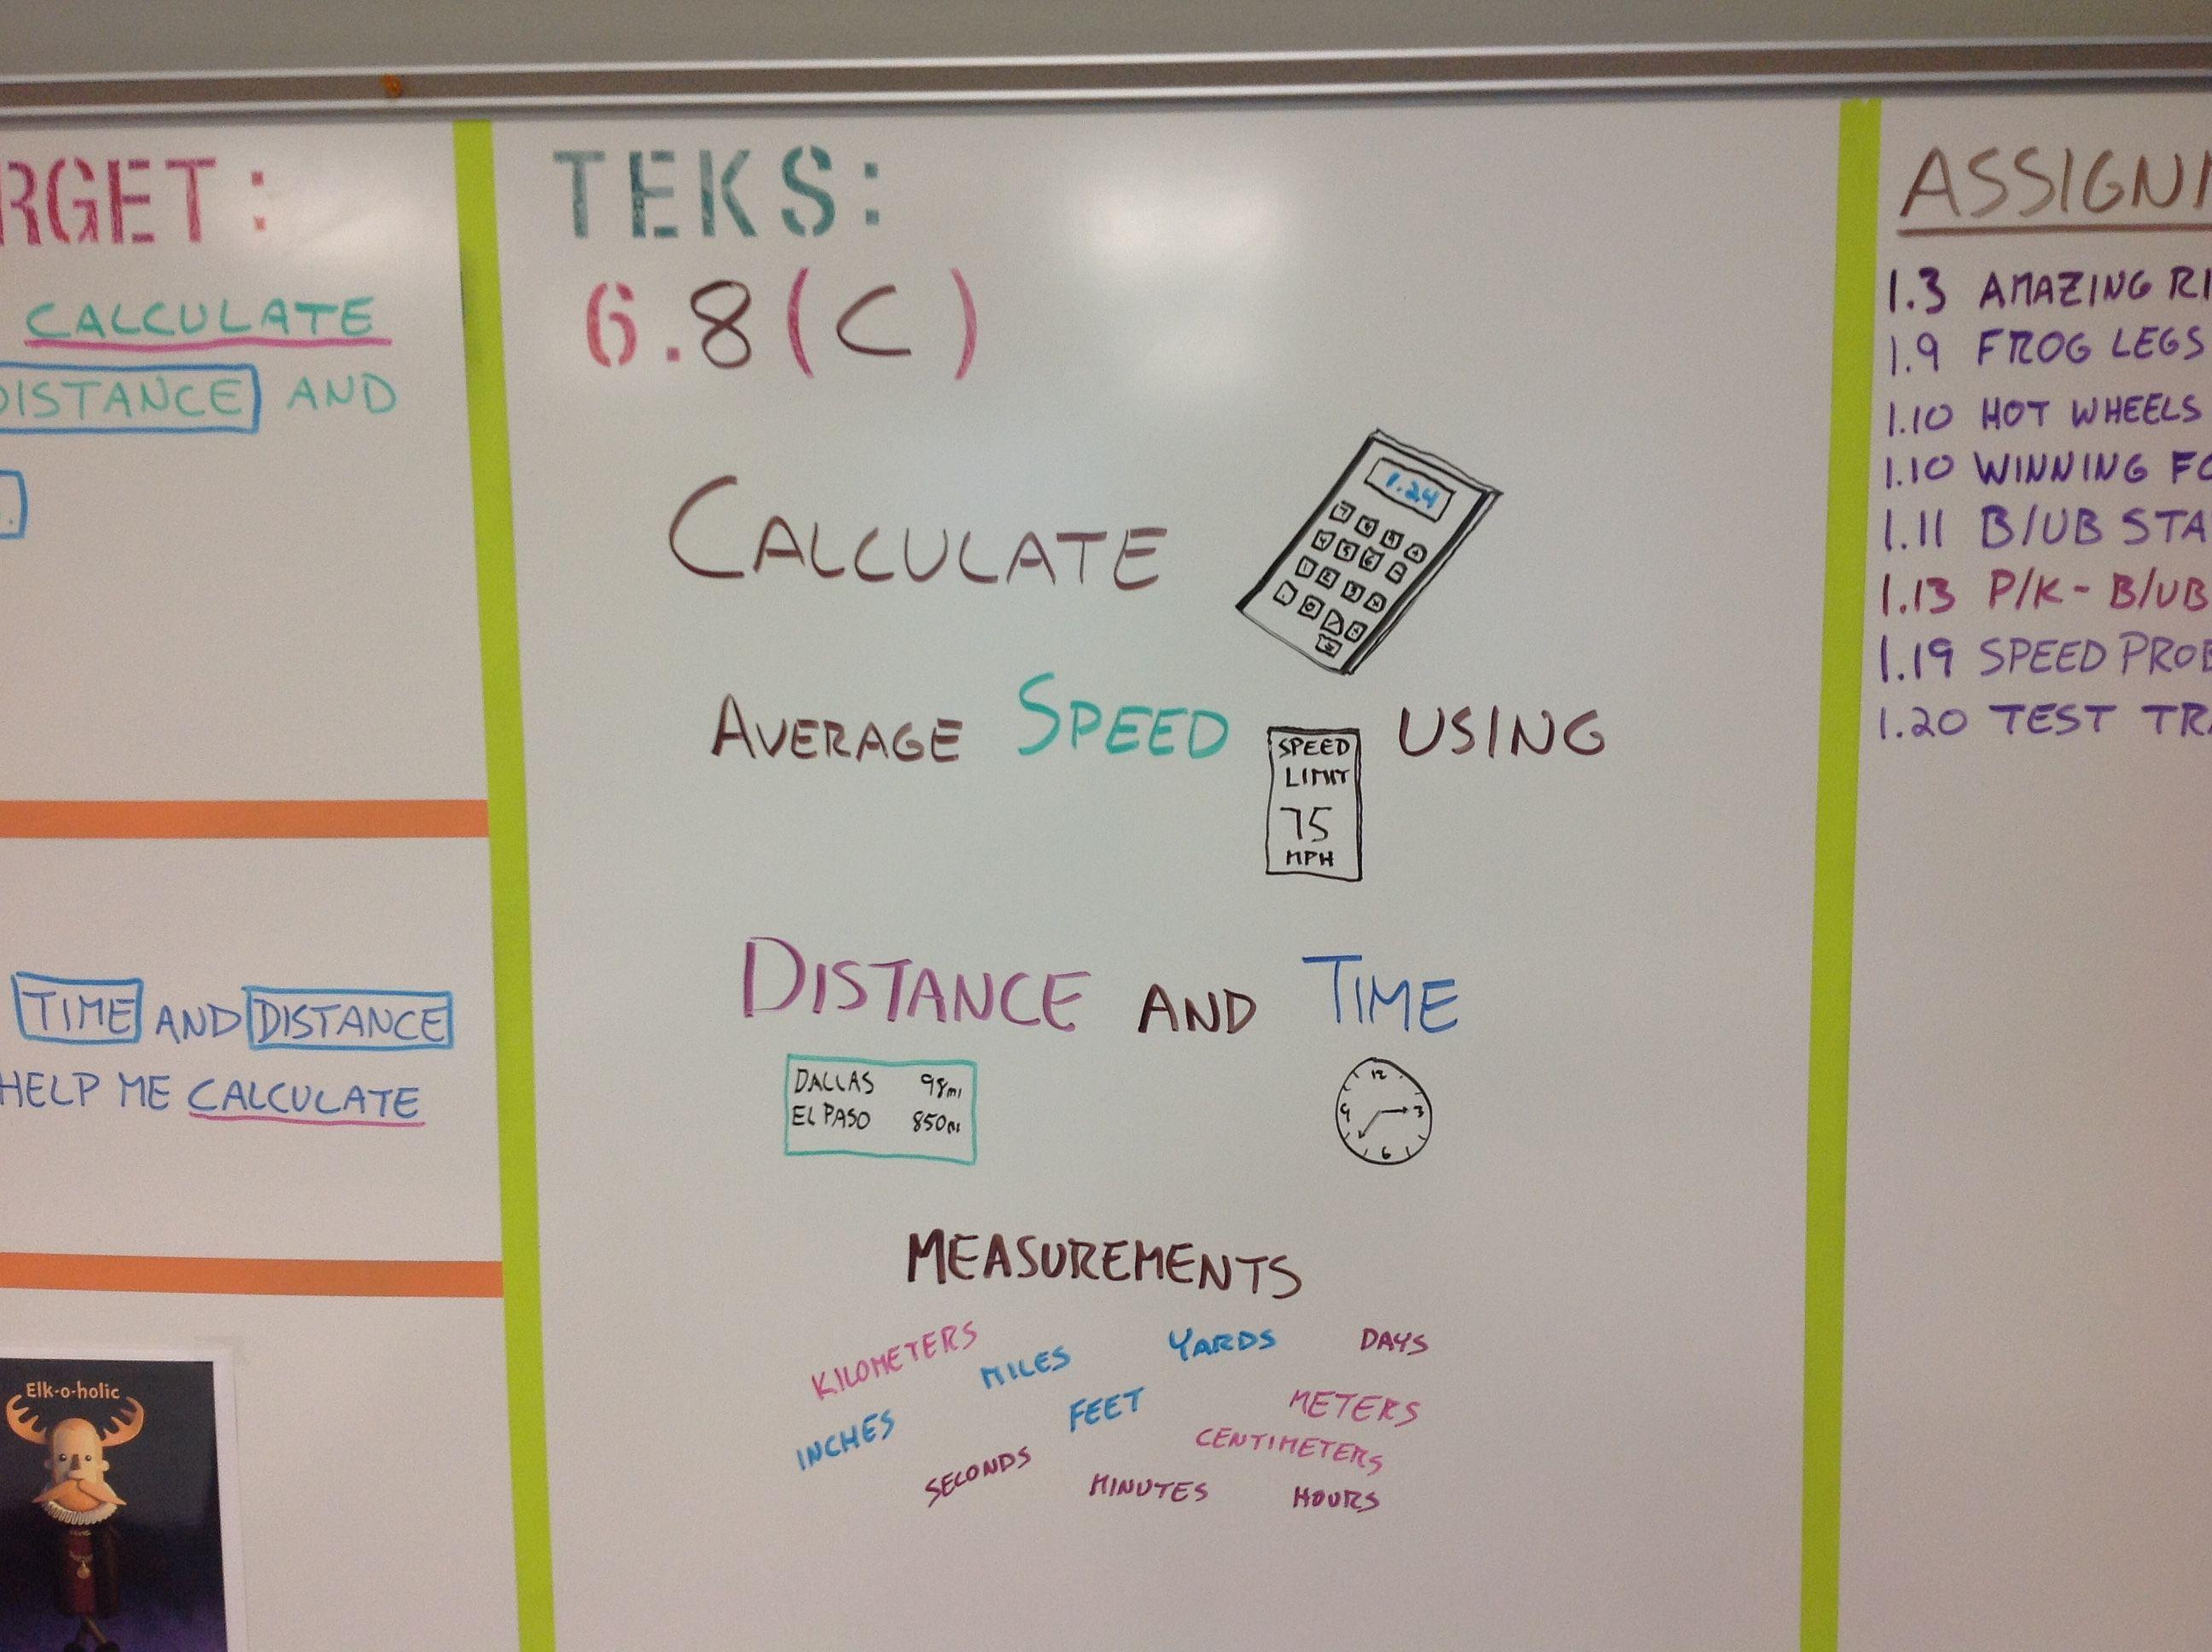 Teks 6 8 C Calculating Speed